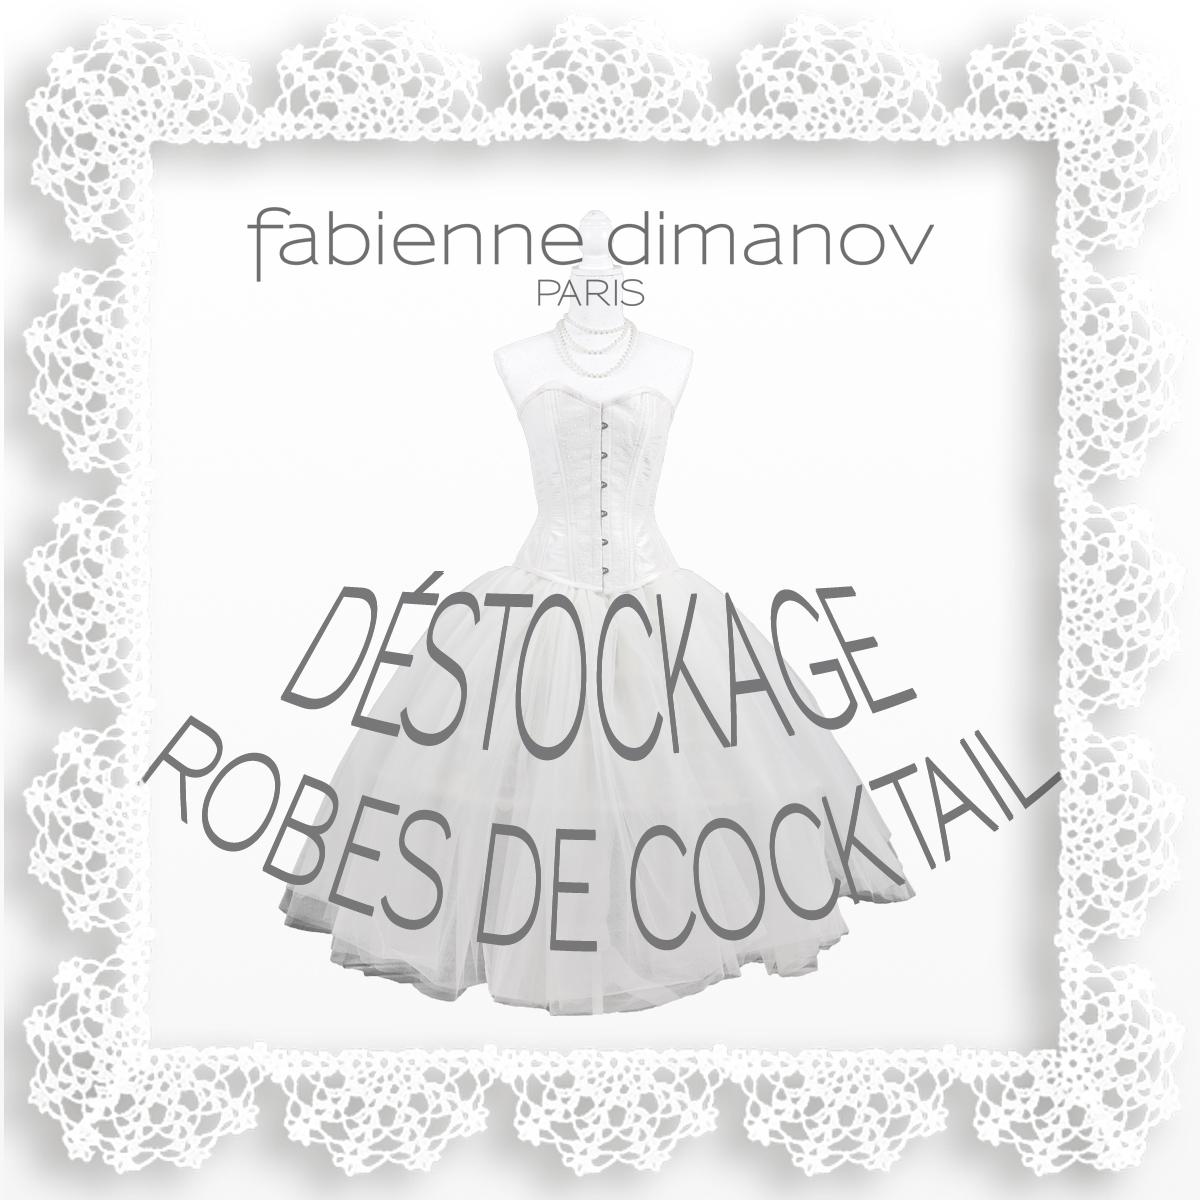 Déstockage robes de cocktail - Fabienne Dimanov Paris